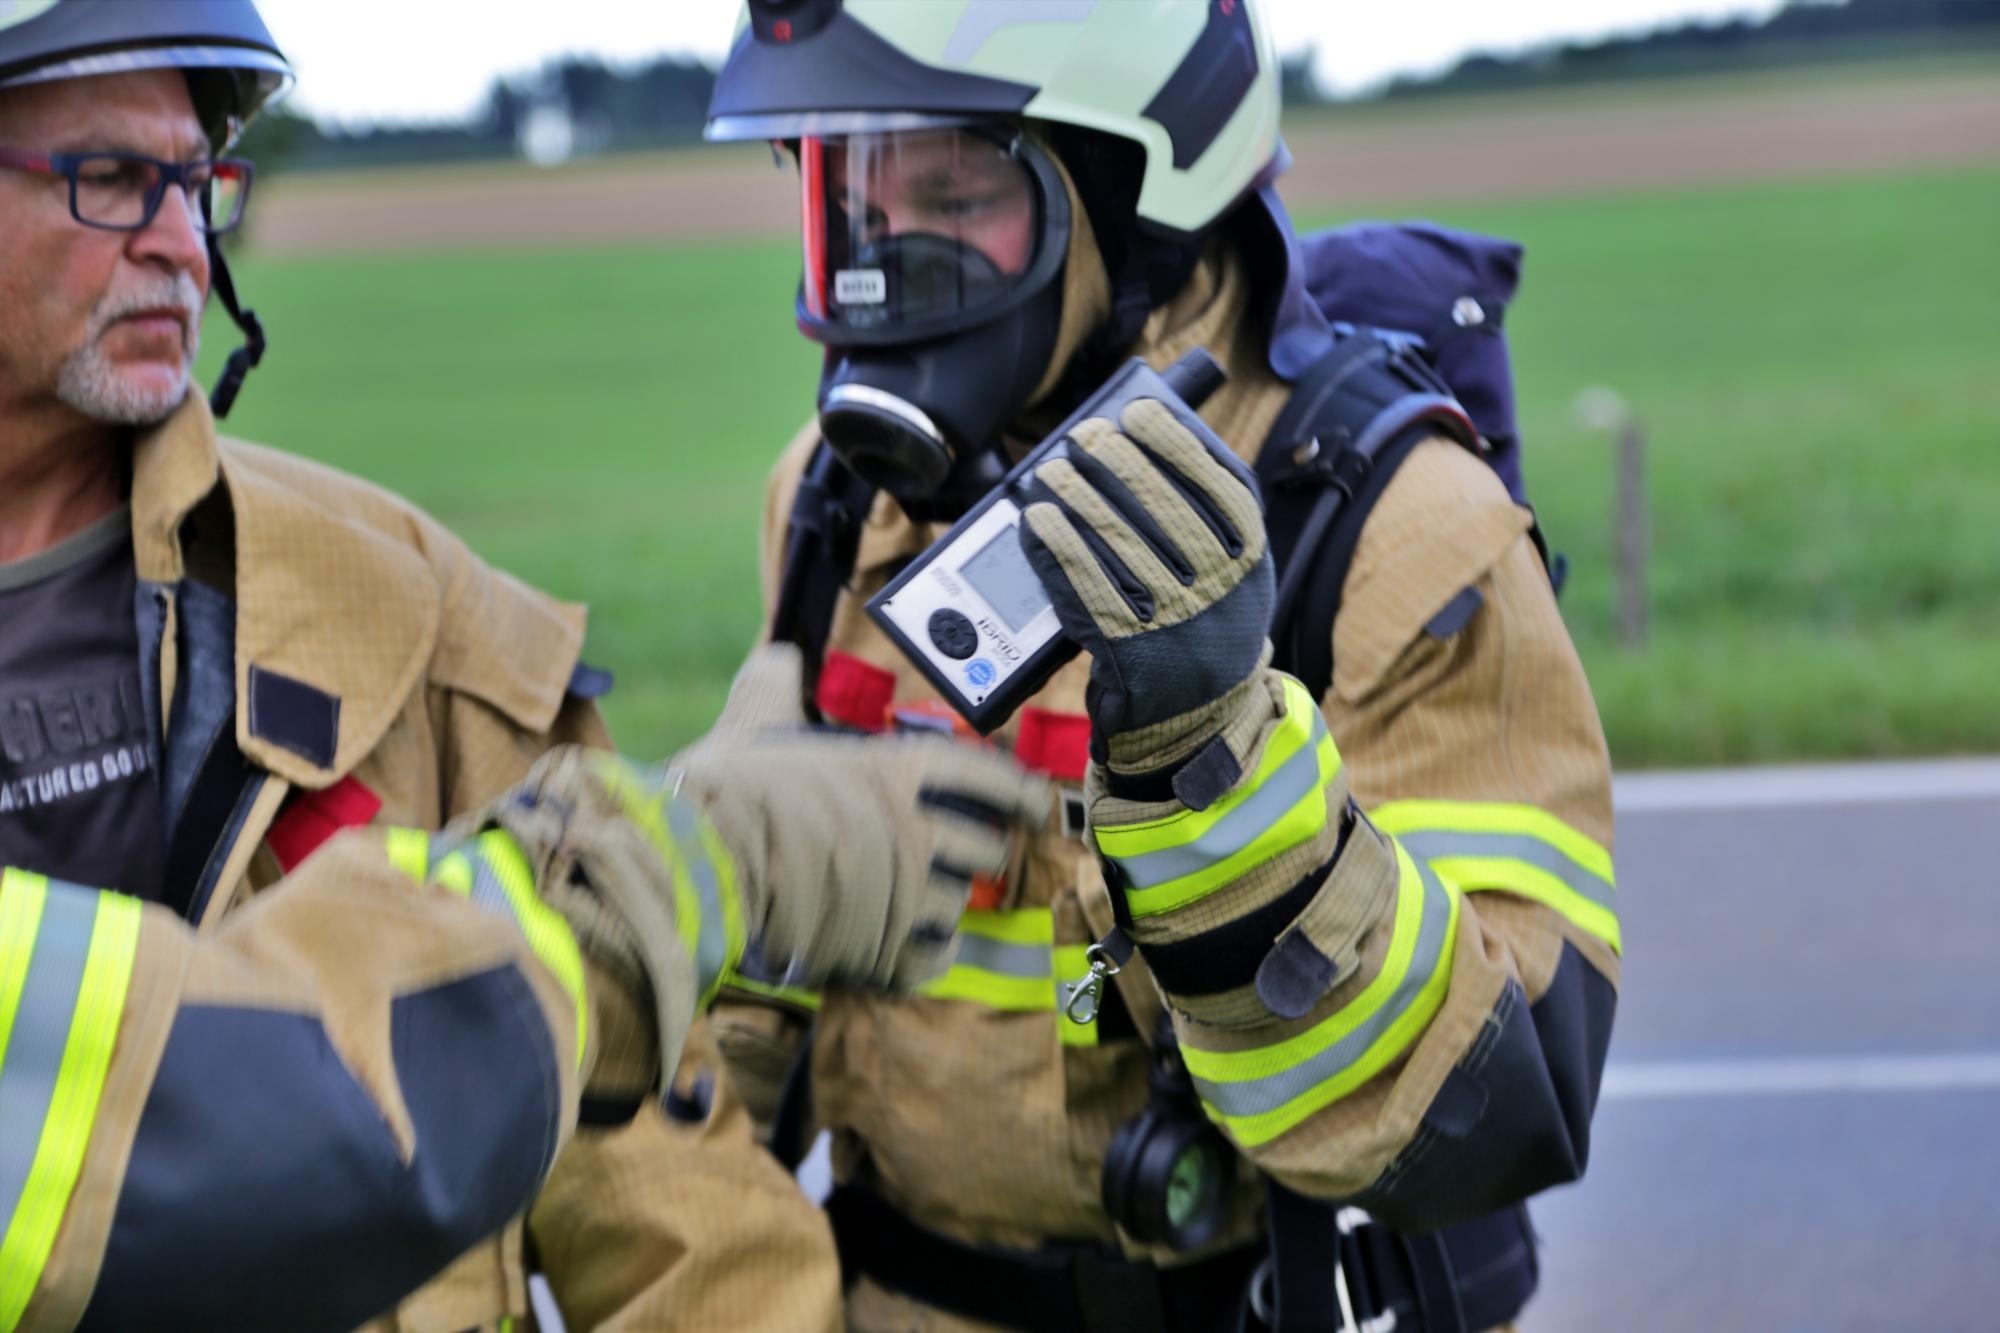 2019-08-11_Biberach_Mittelbuch_Biogasanlage_Brand_BHKW_Feuerwehr_Poeppel_0041